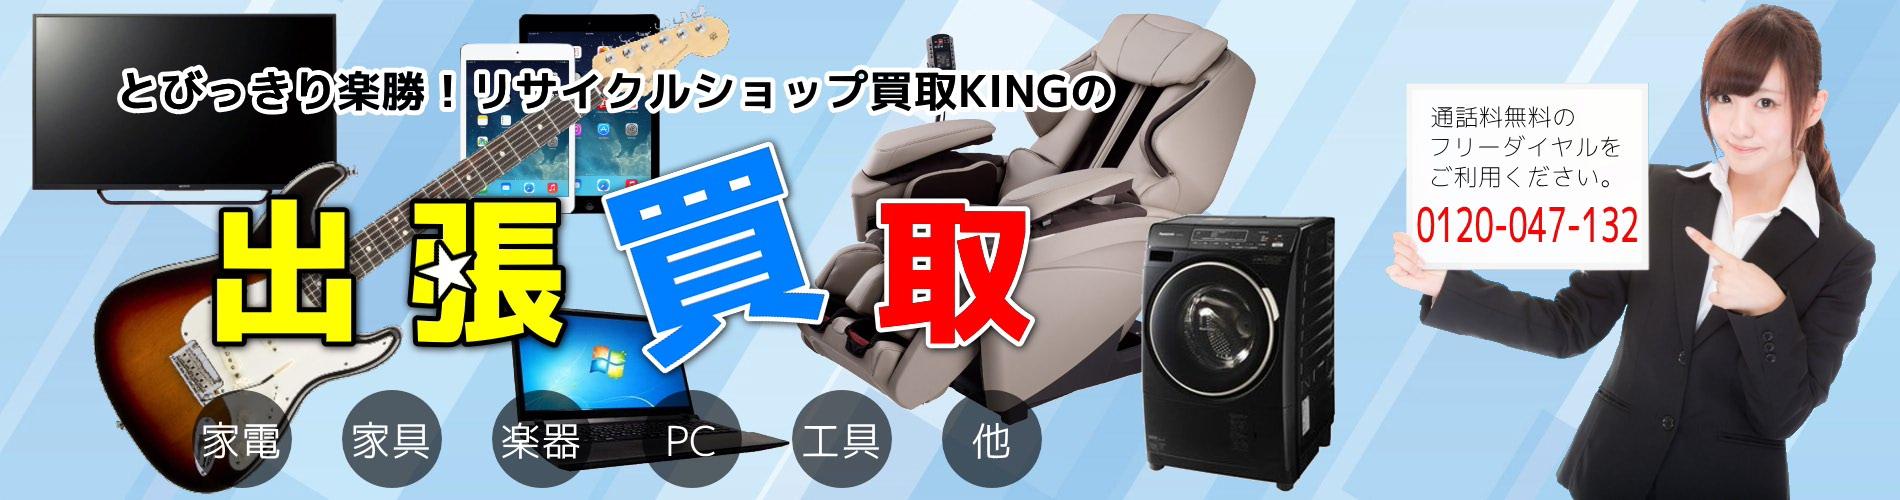 リサイクルショップが大阪へ出張買取